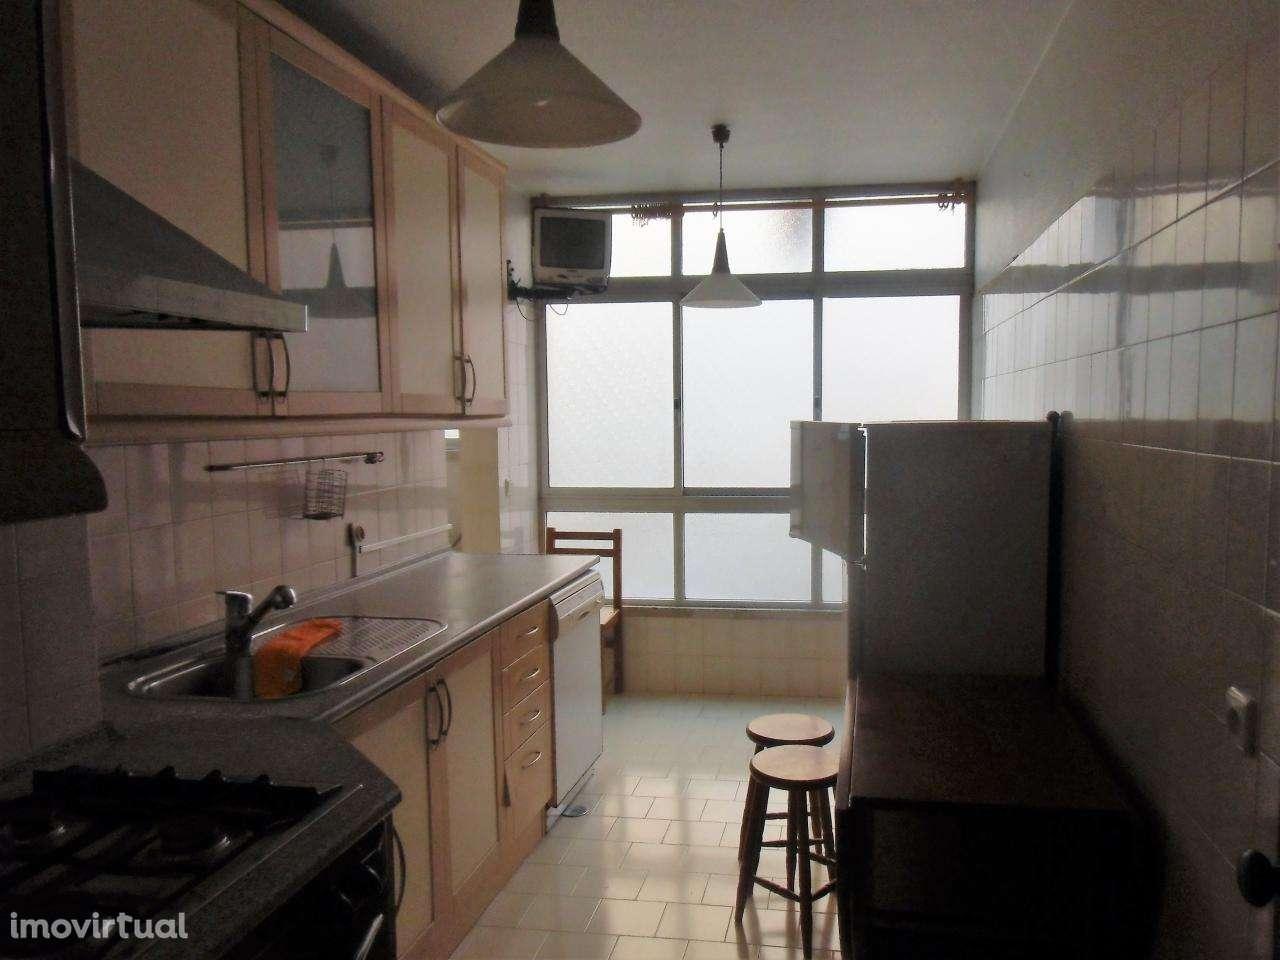 Apartamento para comprar, Encosta do Sol, Lisboa - Foto 1